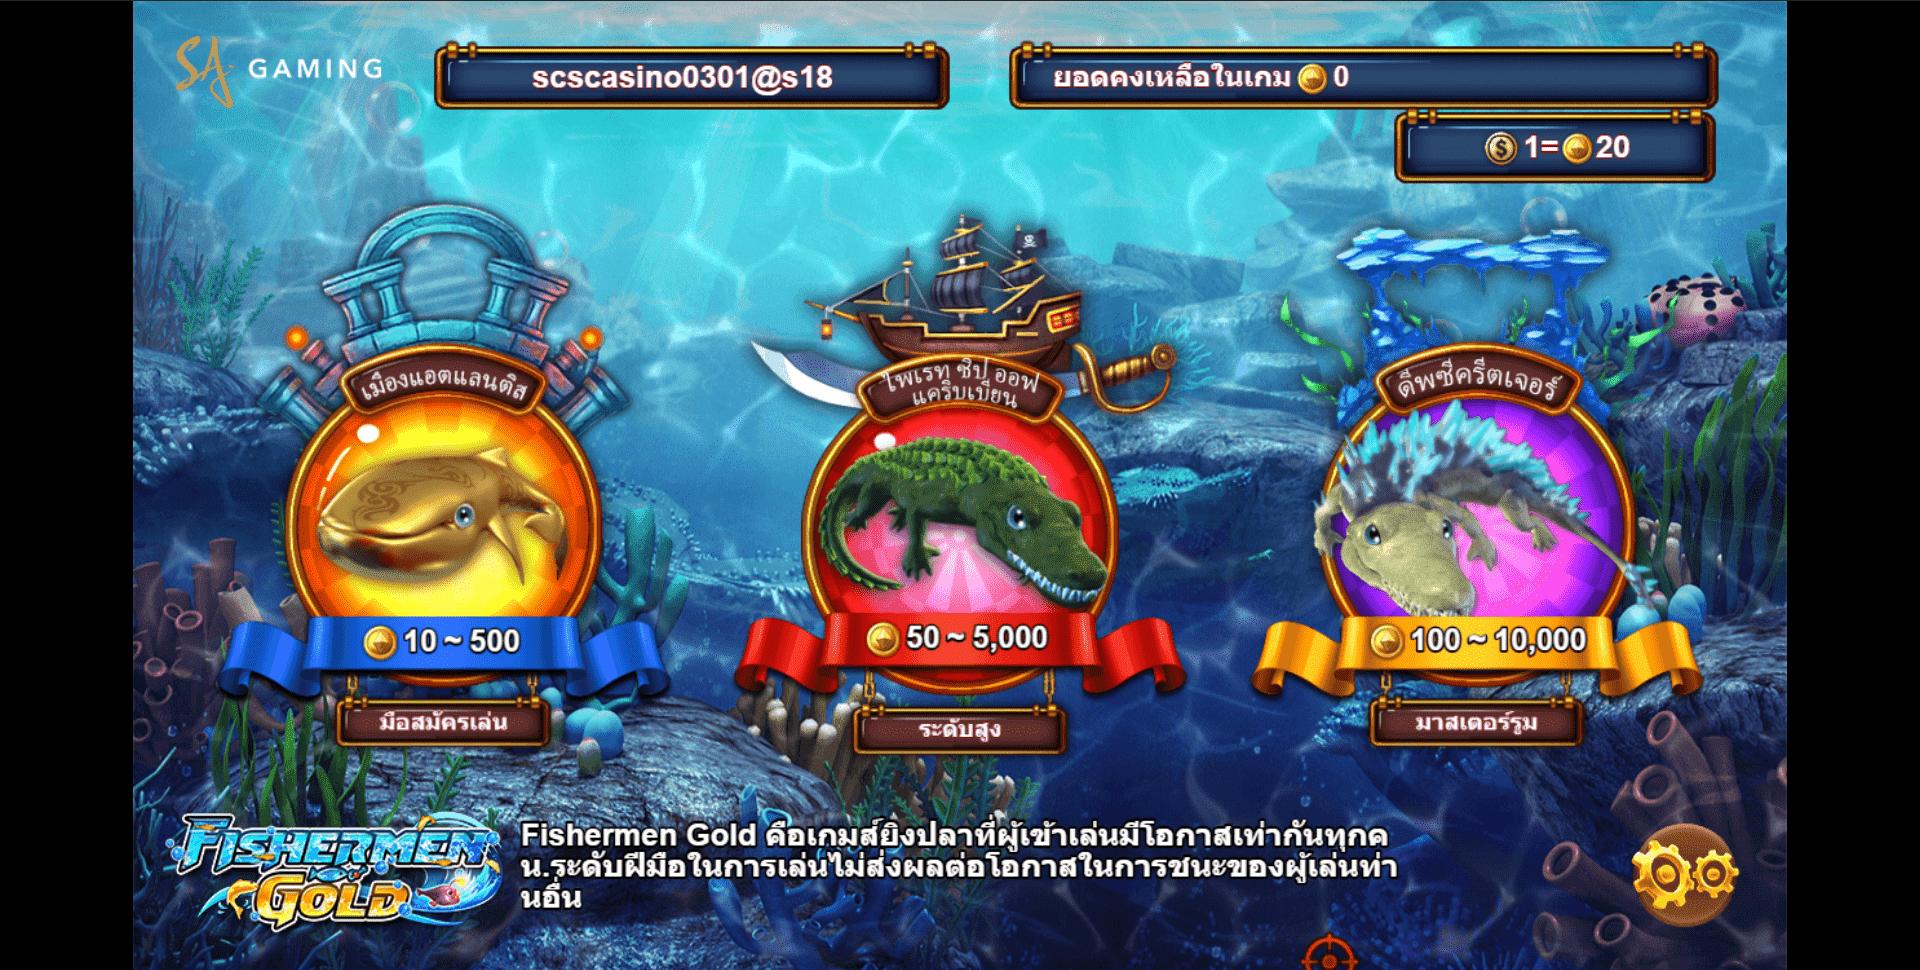 7.หน้าเลือกระดับเกมส์ sa gameth เกมยิงปลา